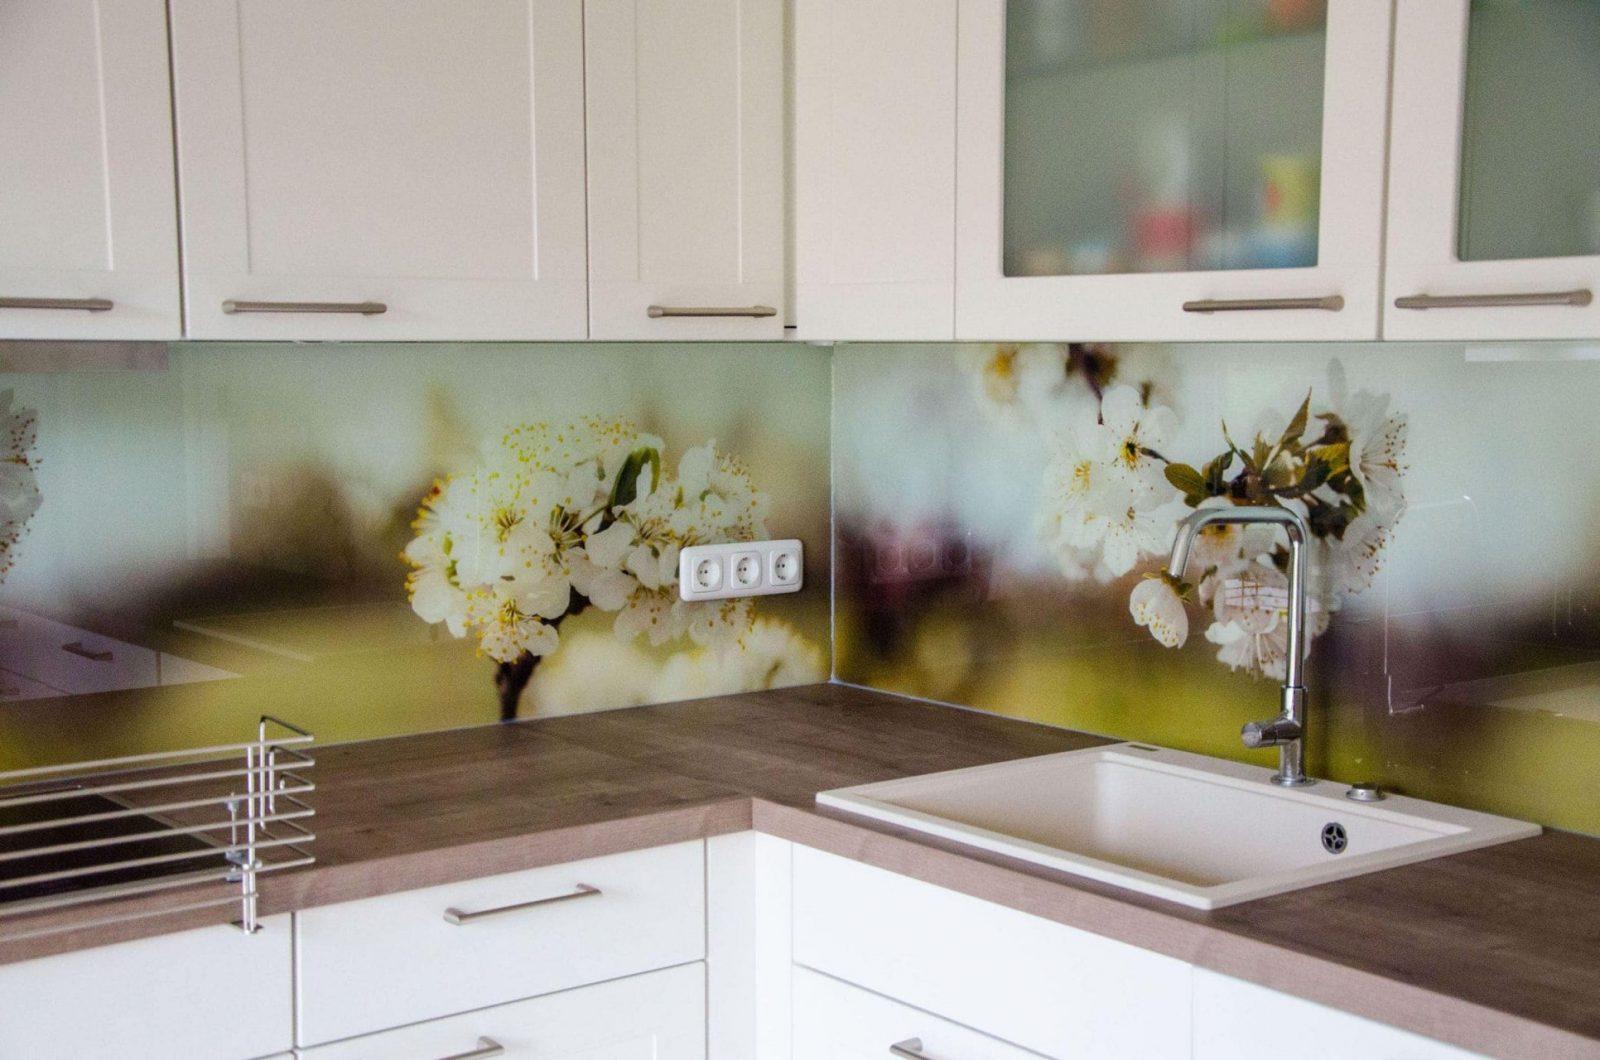 Endlich  Unsere Küchenrückwand  Hausbau  Garten  Baby Kind Und von Spritzschutz Küche Plexiglas Selber Machen Bild